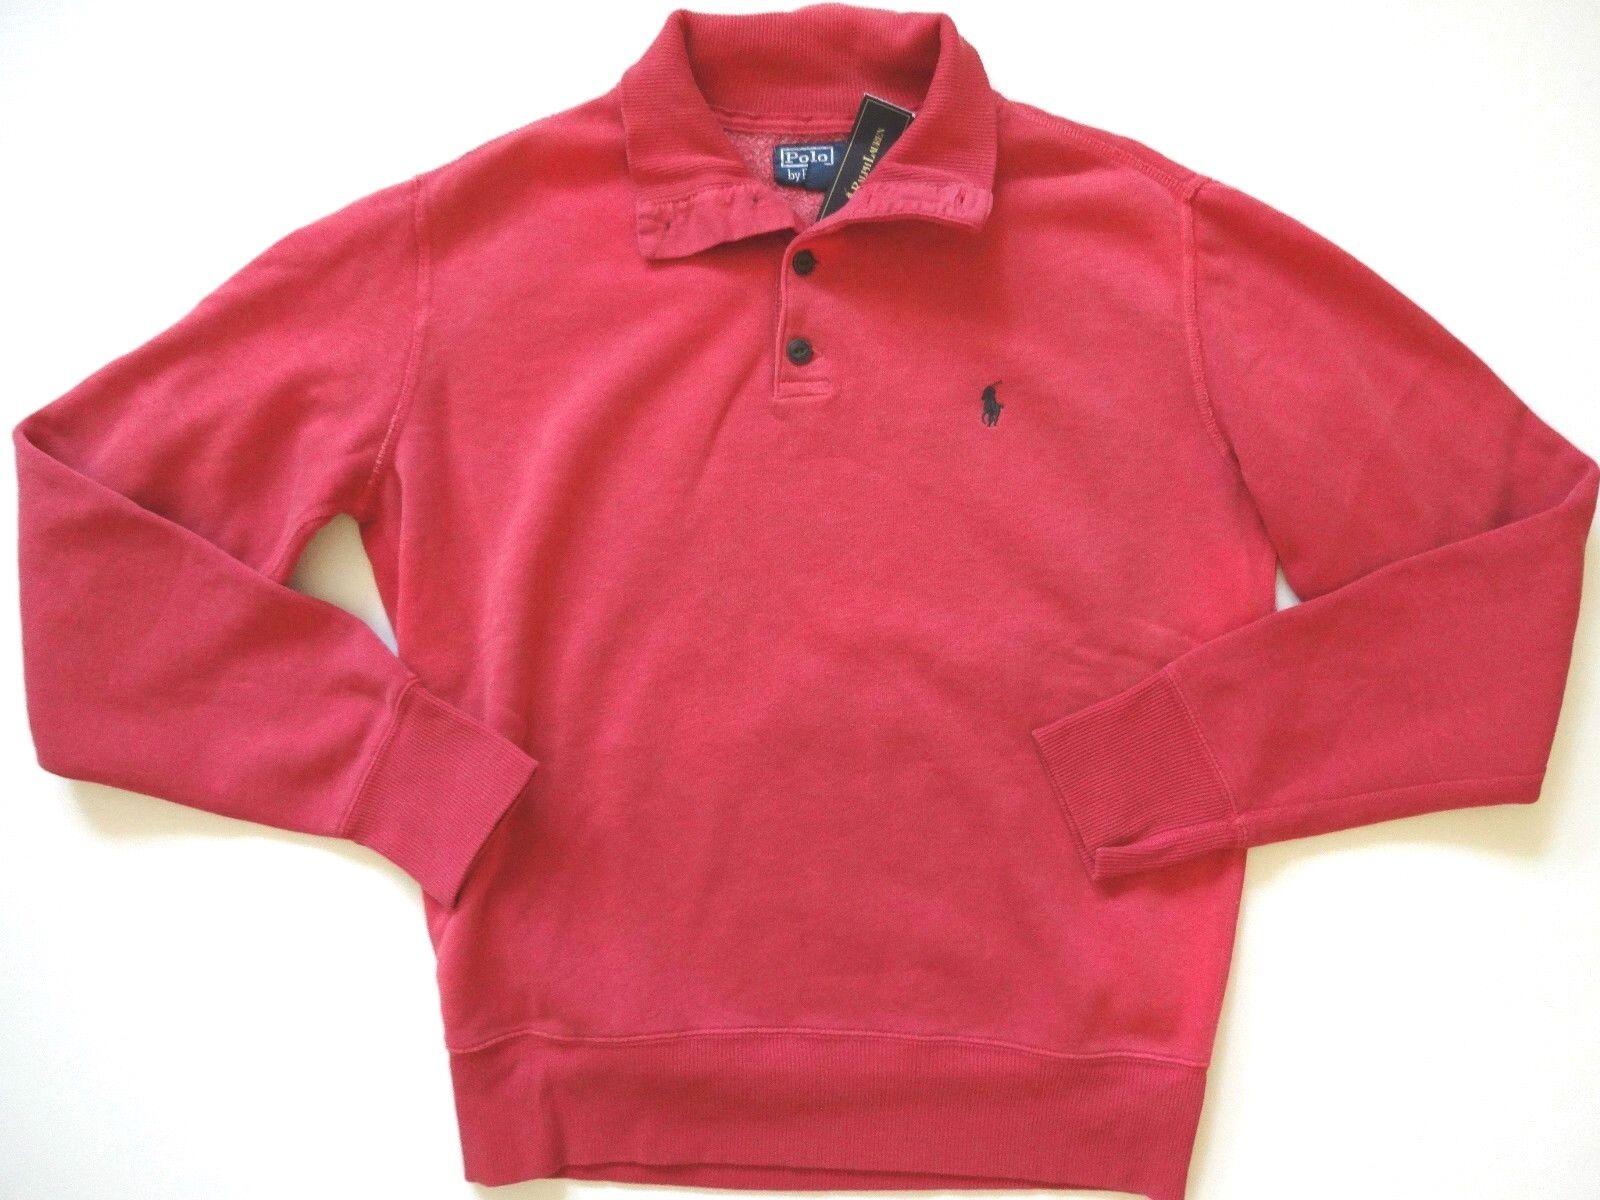 New Ralph Lauren Polo Fleece Faded Red Cotton Blend Button Collar Sweater M